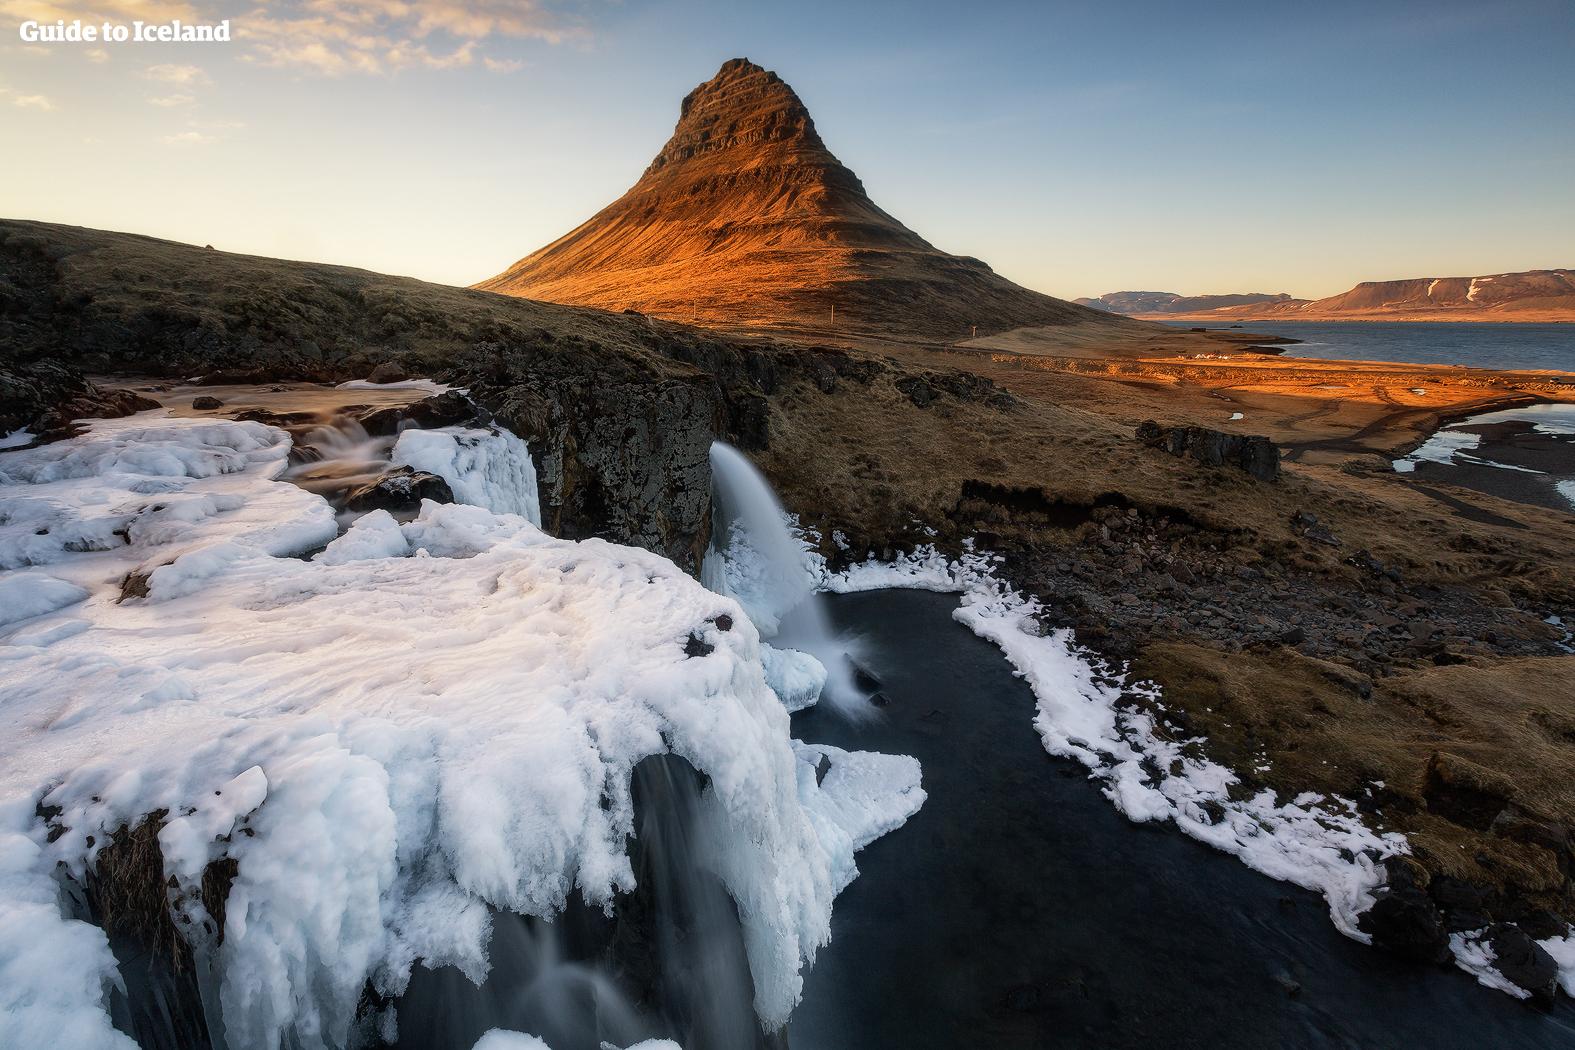 Fahre zu der wundervollen Halbinsel Snaefellsness und besuche atemberaubende Attraktionen wie den Berg Kirkjufell.